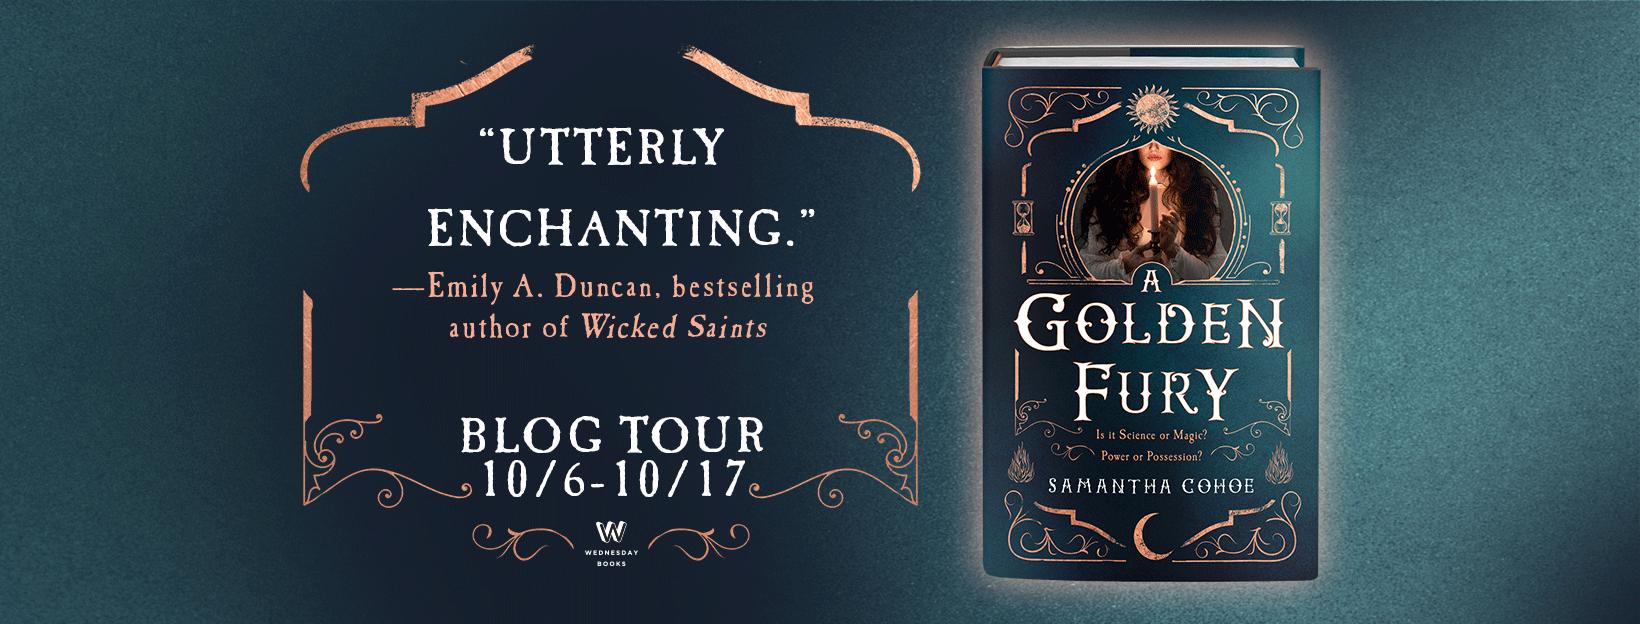 A Golden Fury_Blog Tour Banner